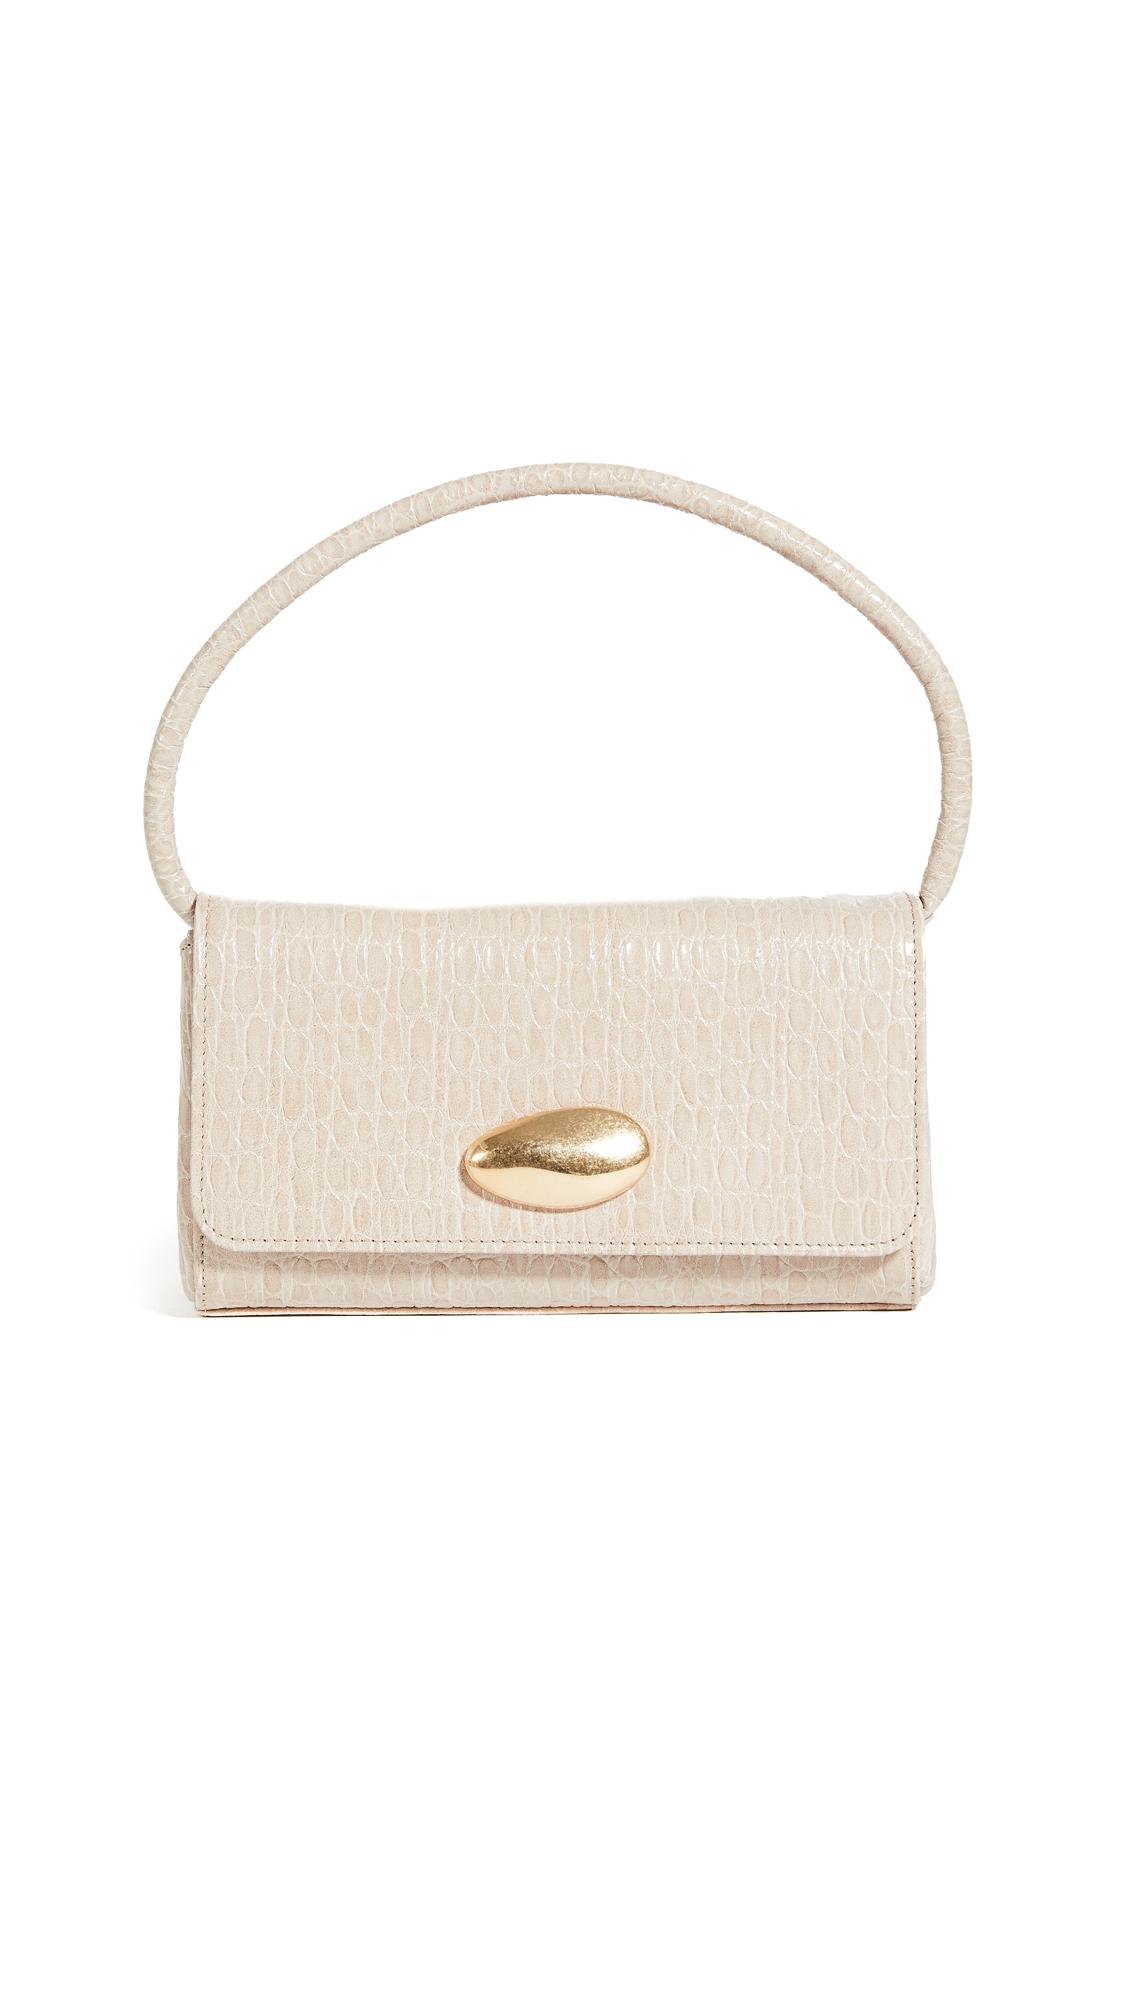 Little Liffner Mini Baguette Bag In Sand